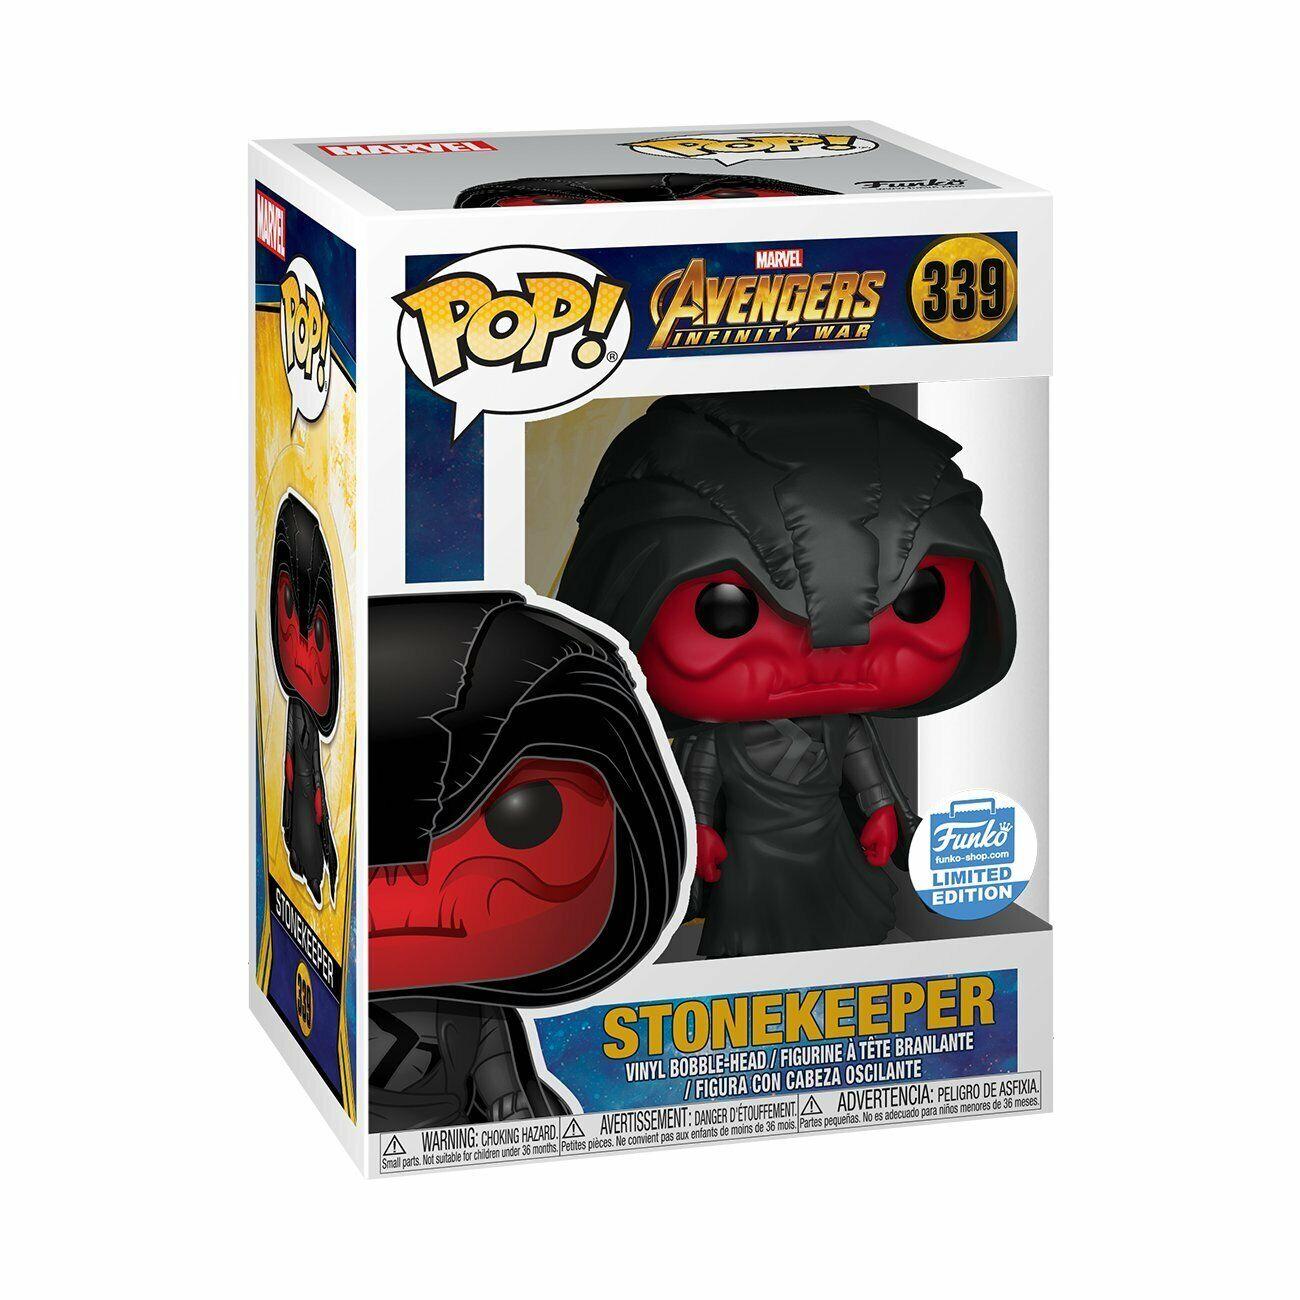 Pop  Marvel   Avengers Infinity War Stonekeeper Exclusive  339 diverdeimentoko  negozio outlet